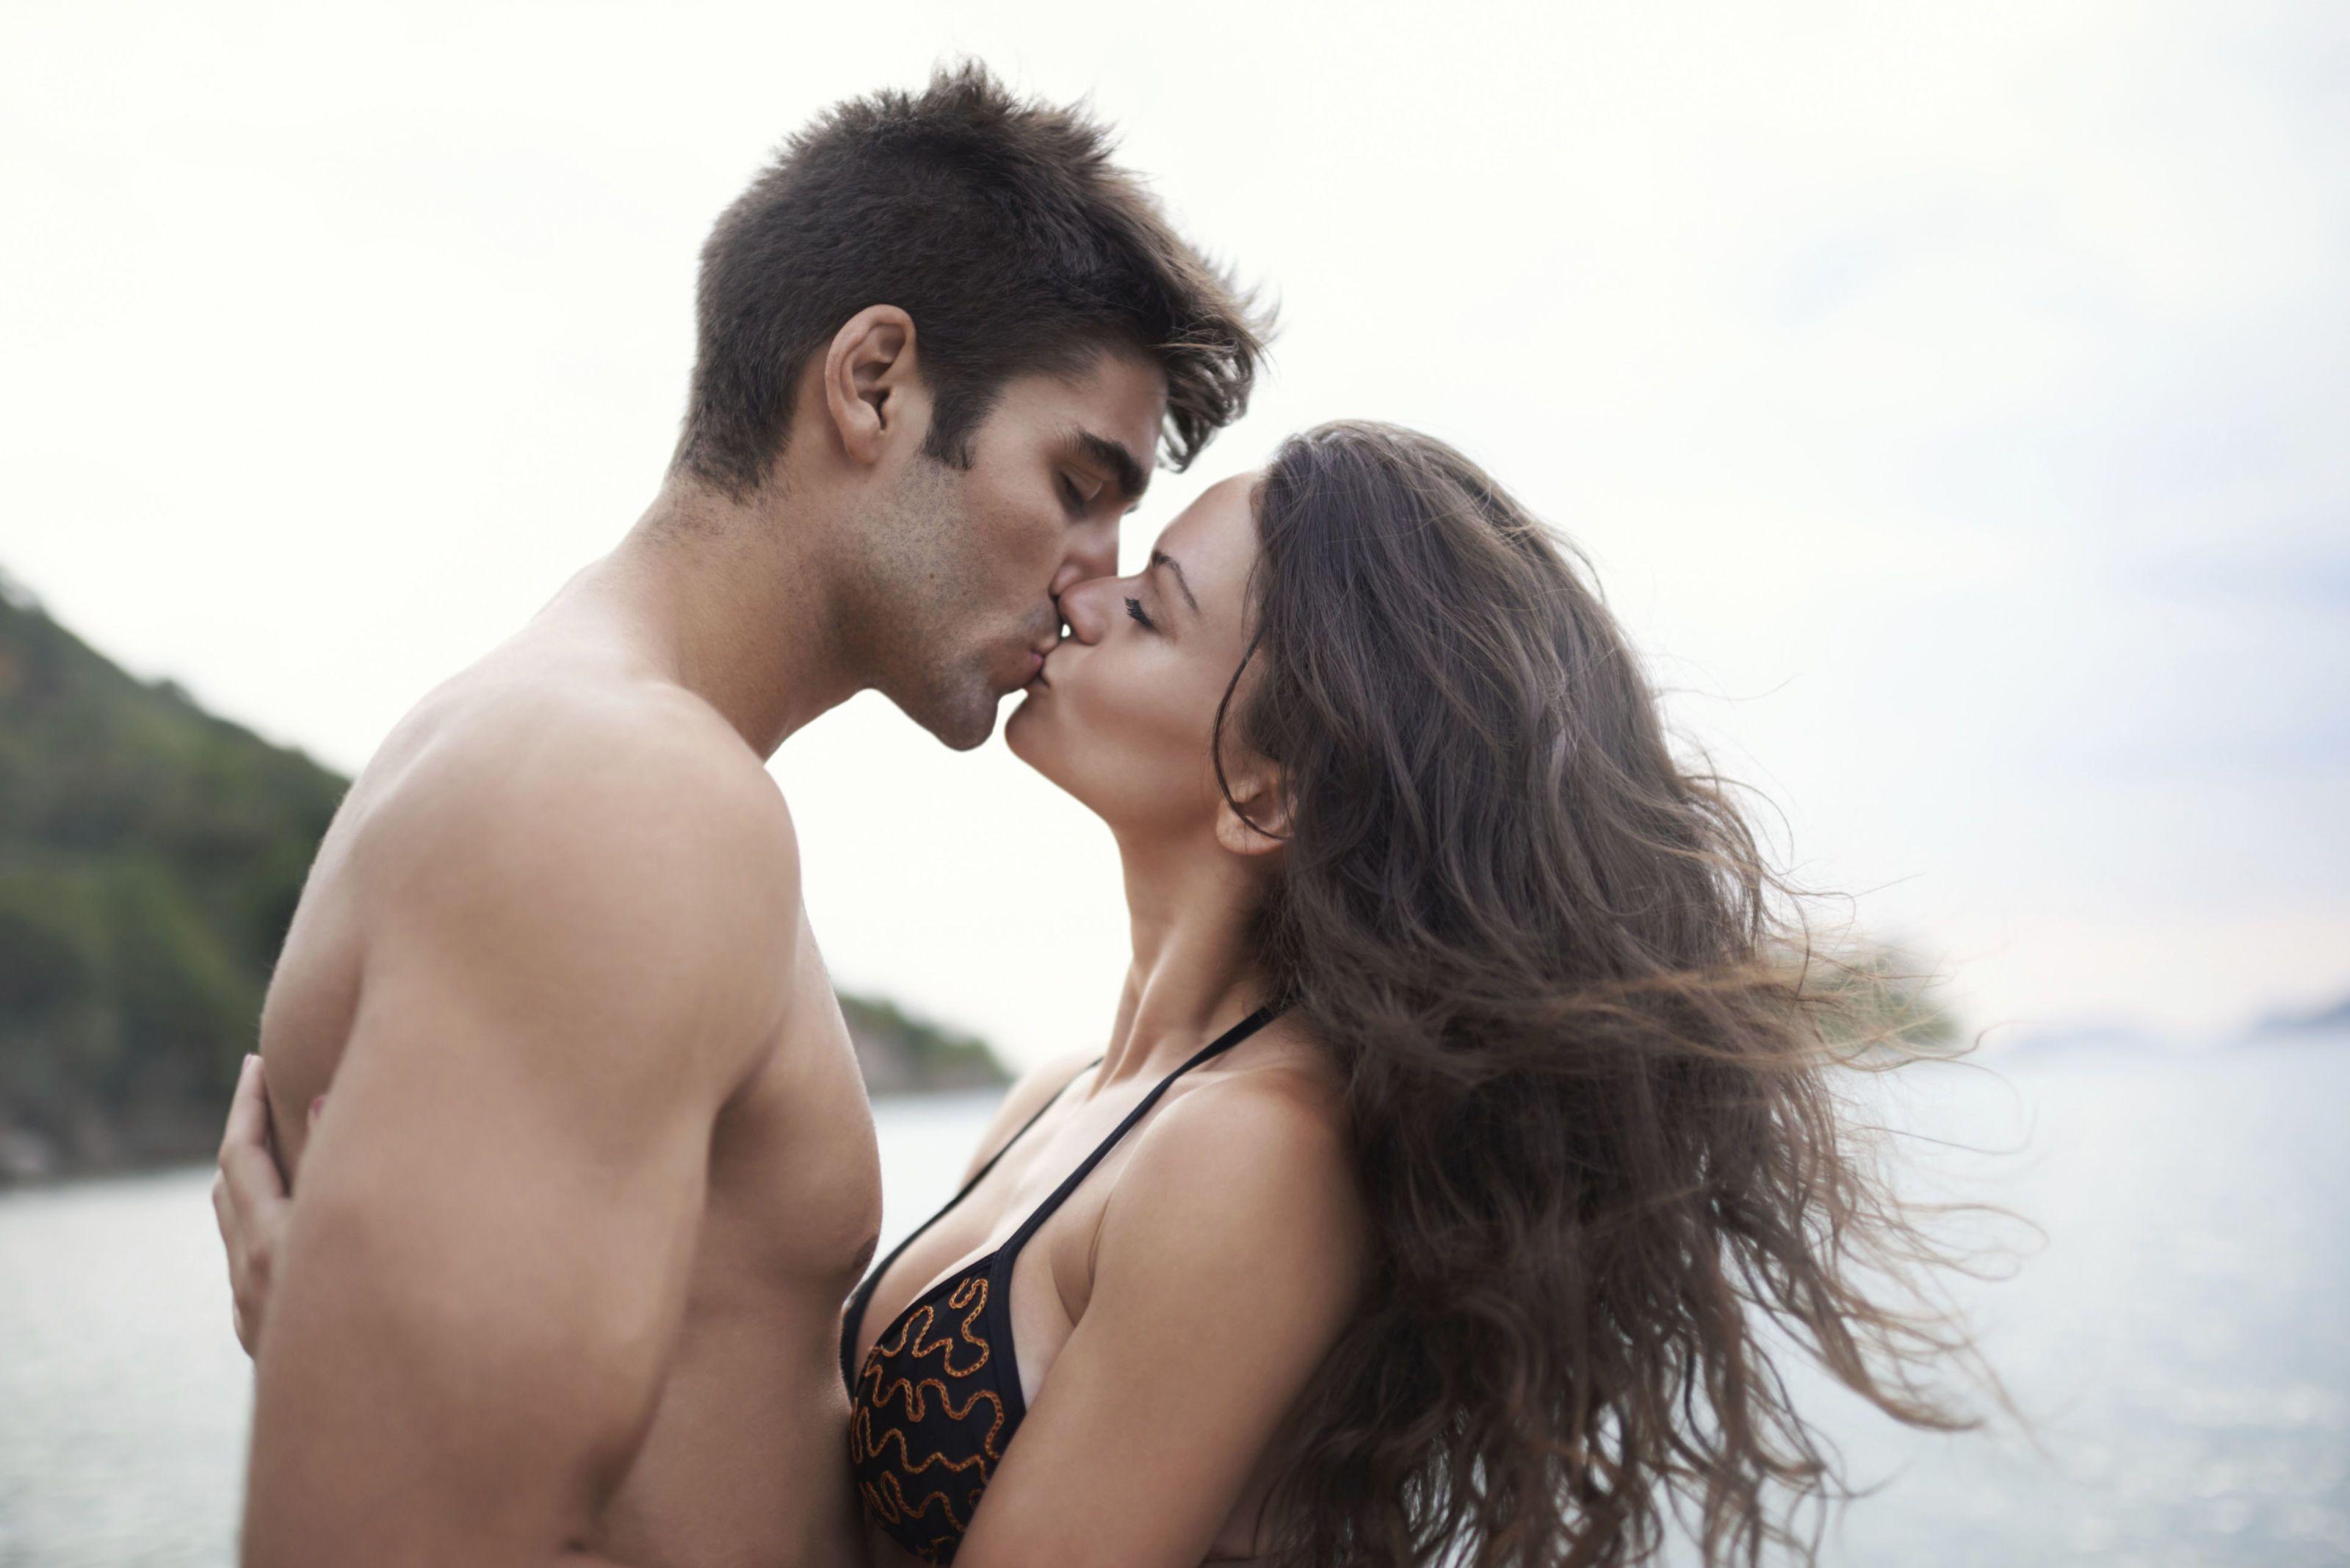 indiano ragazzo dating caldo bianco ragazza